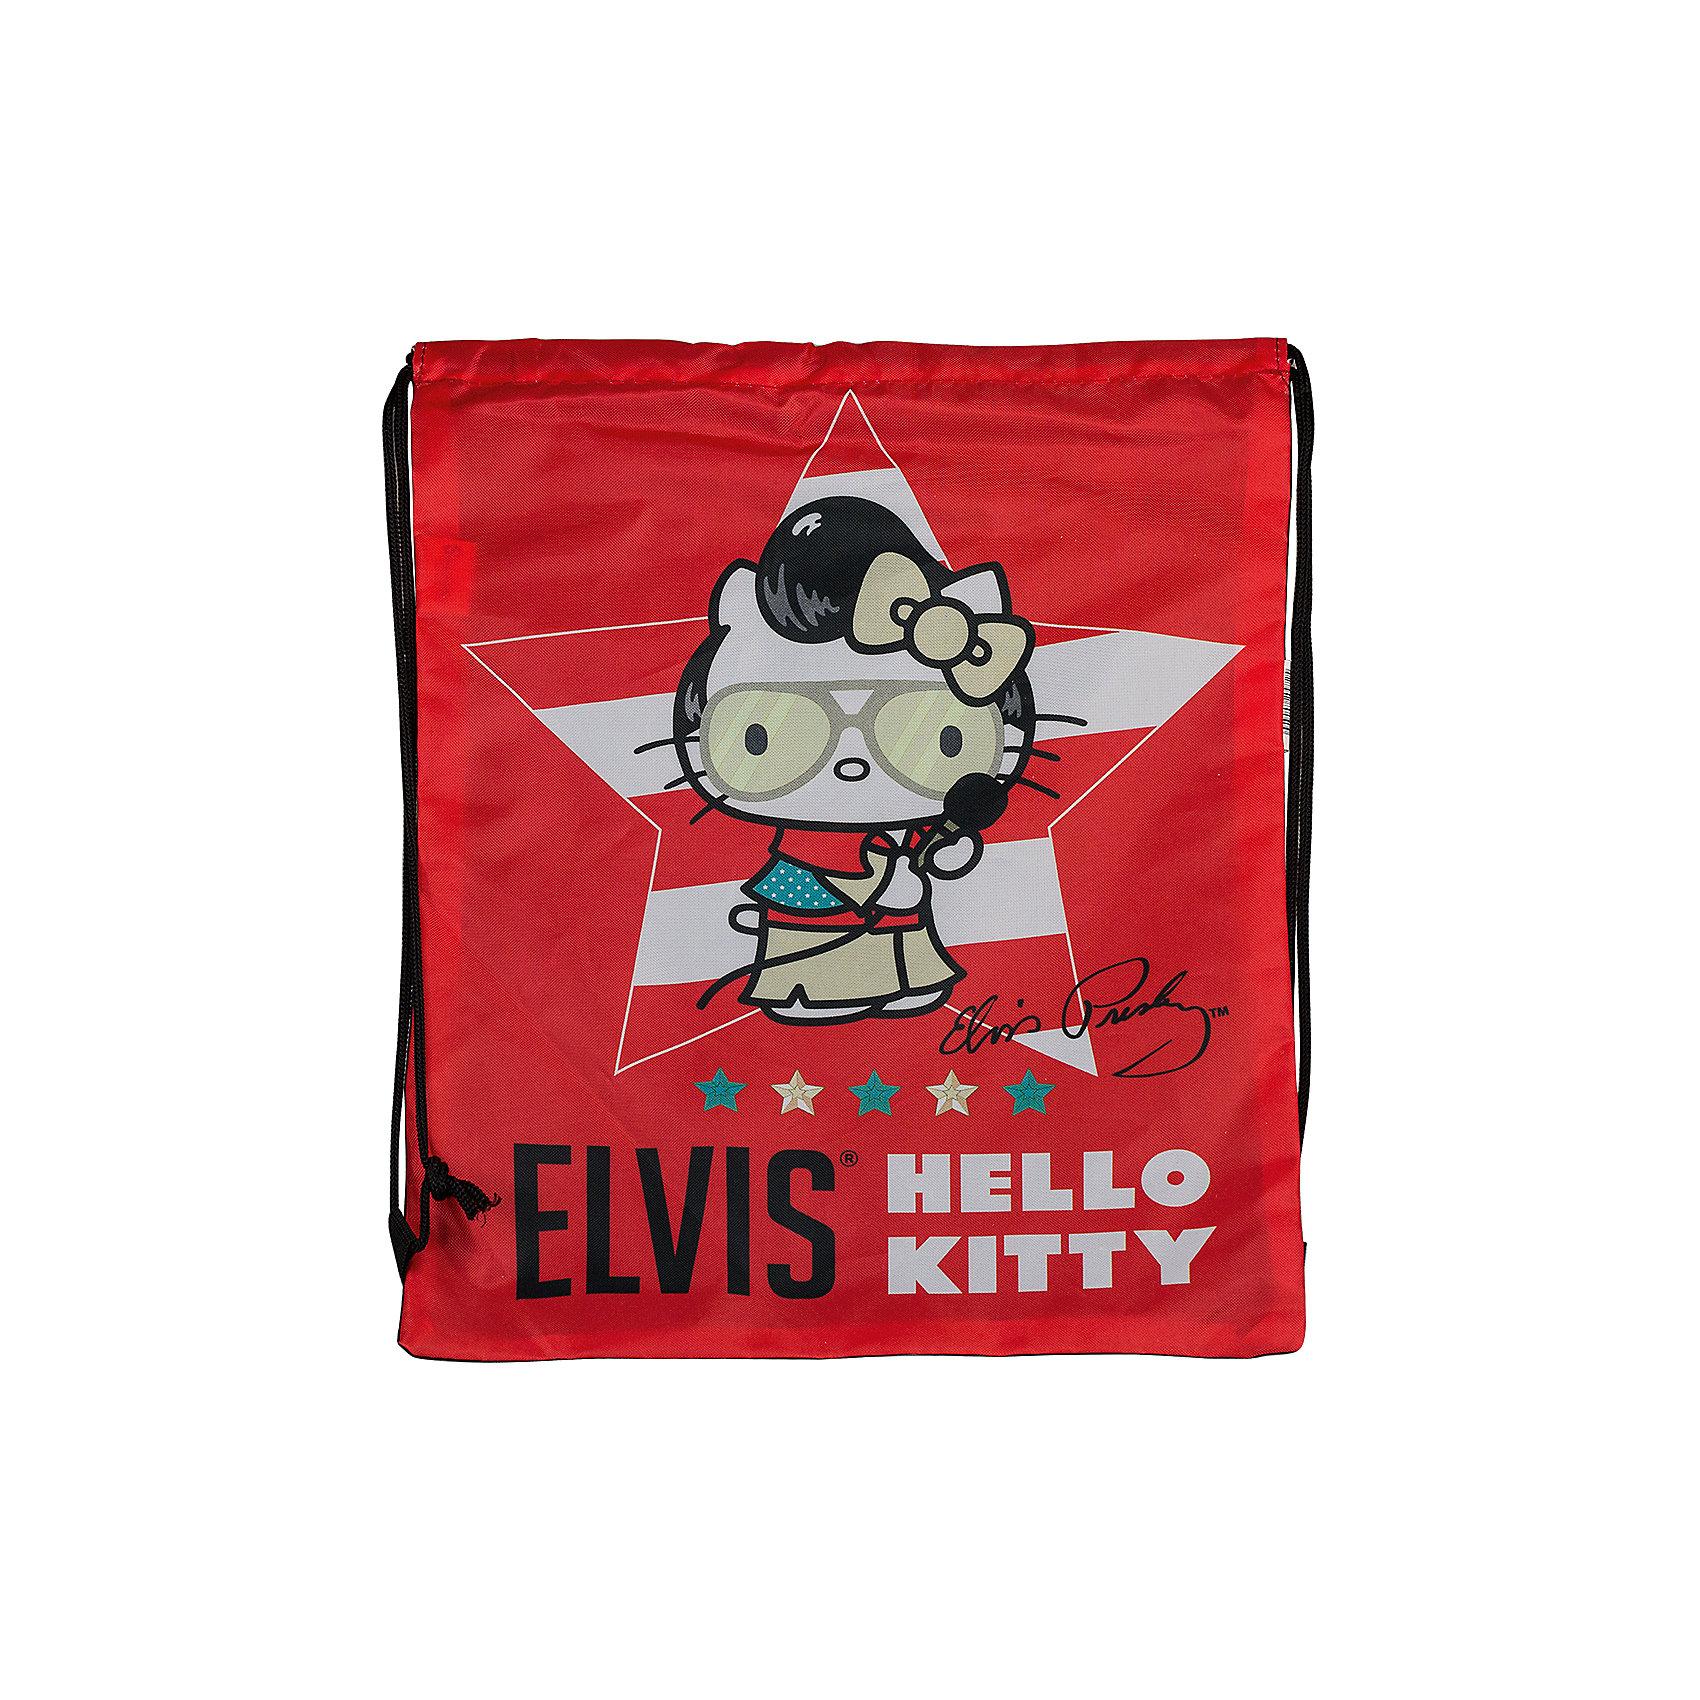 Сумка-рюкзак для обуви, Hello KittyСумка-рюкзак для обуви Hello Kitty Elvis (Хеллоу Китти Элвис) яркой красной расцветки идеально подойдет для сменной обуви маленькой школьницы и для физкультурной формы. <br><br>Рюкзачок выполнен из прочной непромокаемой ткани, по бокам затягивается специальными шнурками. Рюкзак оформлен в стиле бренда Hello Kitty серии Hello Kitty Elvis и украшен изображением знаменитой белой кошечки. <br><br>Дополнительная информация:<br><br>- Материал: полиэстер.<br>- Размер: 43 х 34 см.<br>- Вес: 60 гр.<br><br>Сумку-рюкзак для обуви Hello Kitty Elvis можно купить в нашем интернет-магазине.<br><br>Ширина мм: 20<br>Глубина мм: 400<br>Высота мм: 340<br>Вес г: 710<br>Возраст от месяцев: 36<br>Возраст до месяцев: 120<br>Пол: Женский<br>Возраст: Детский<br>SKU: 3563125